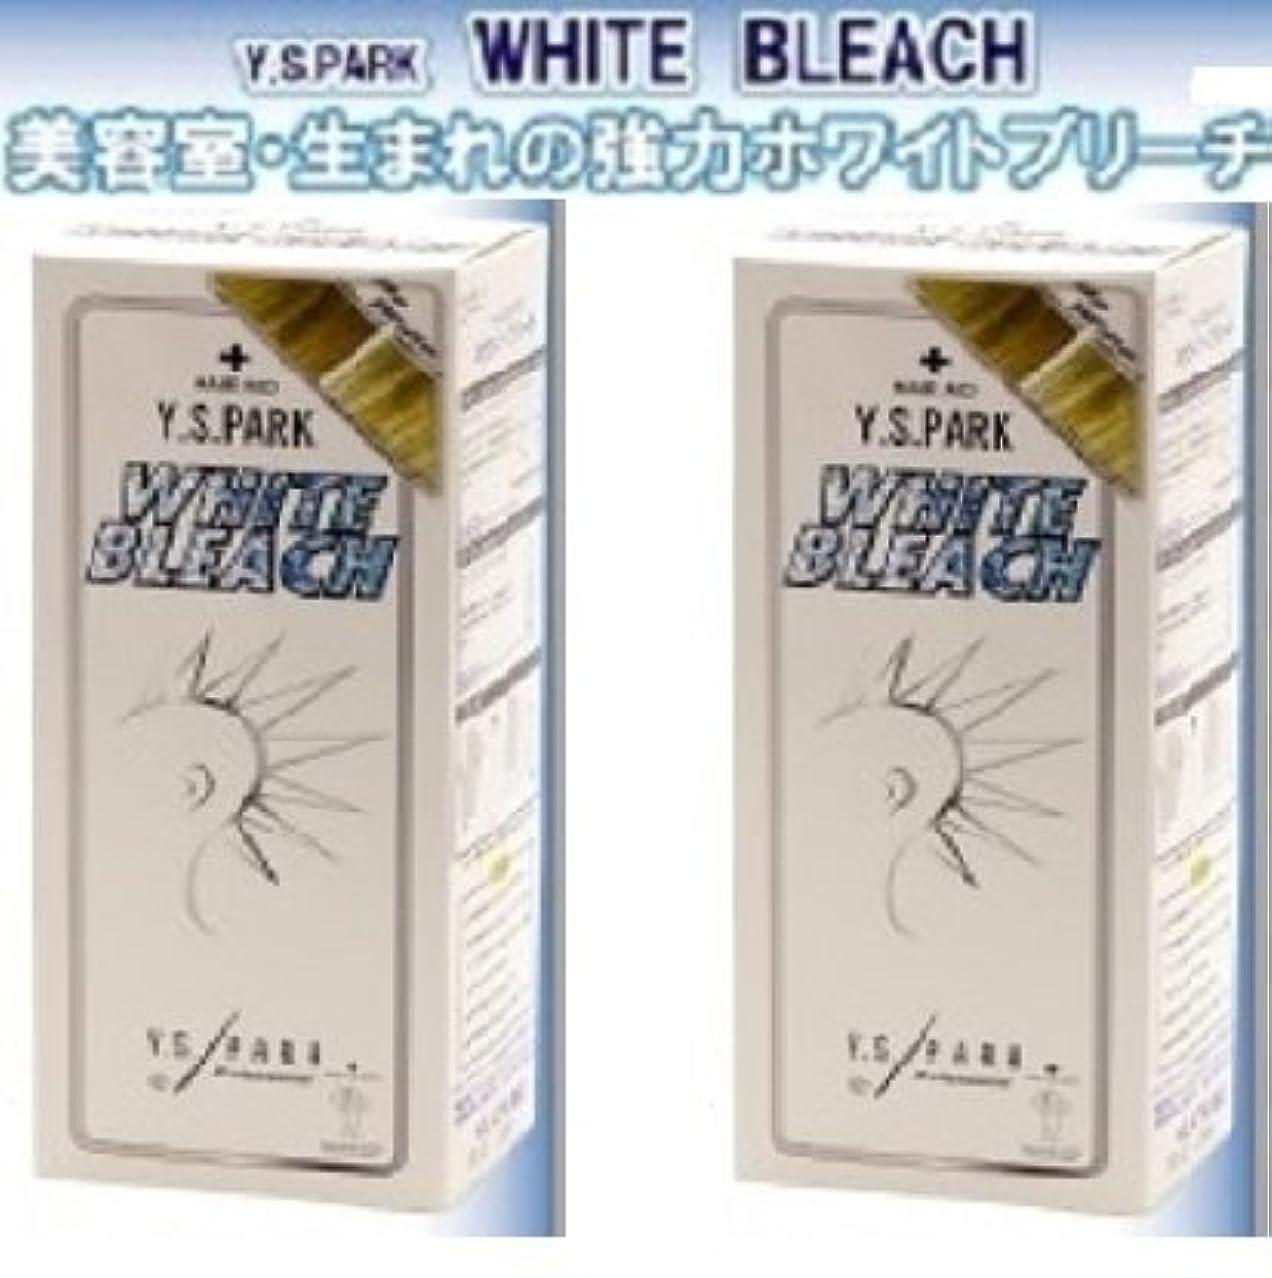 差し控える誠実さクリーク【YSPARK 】ホワイトブリーチ ×2個セット(お得な2個組)美容室生まれの強力ホワイトブリーチ